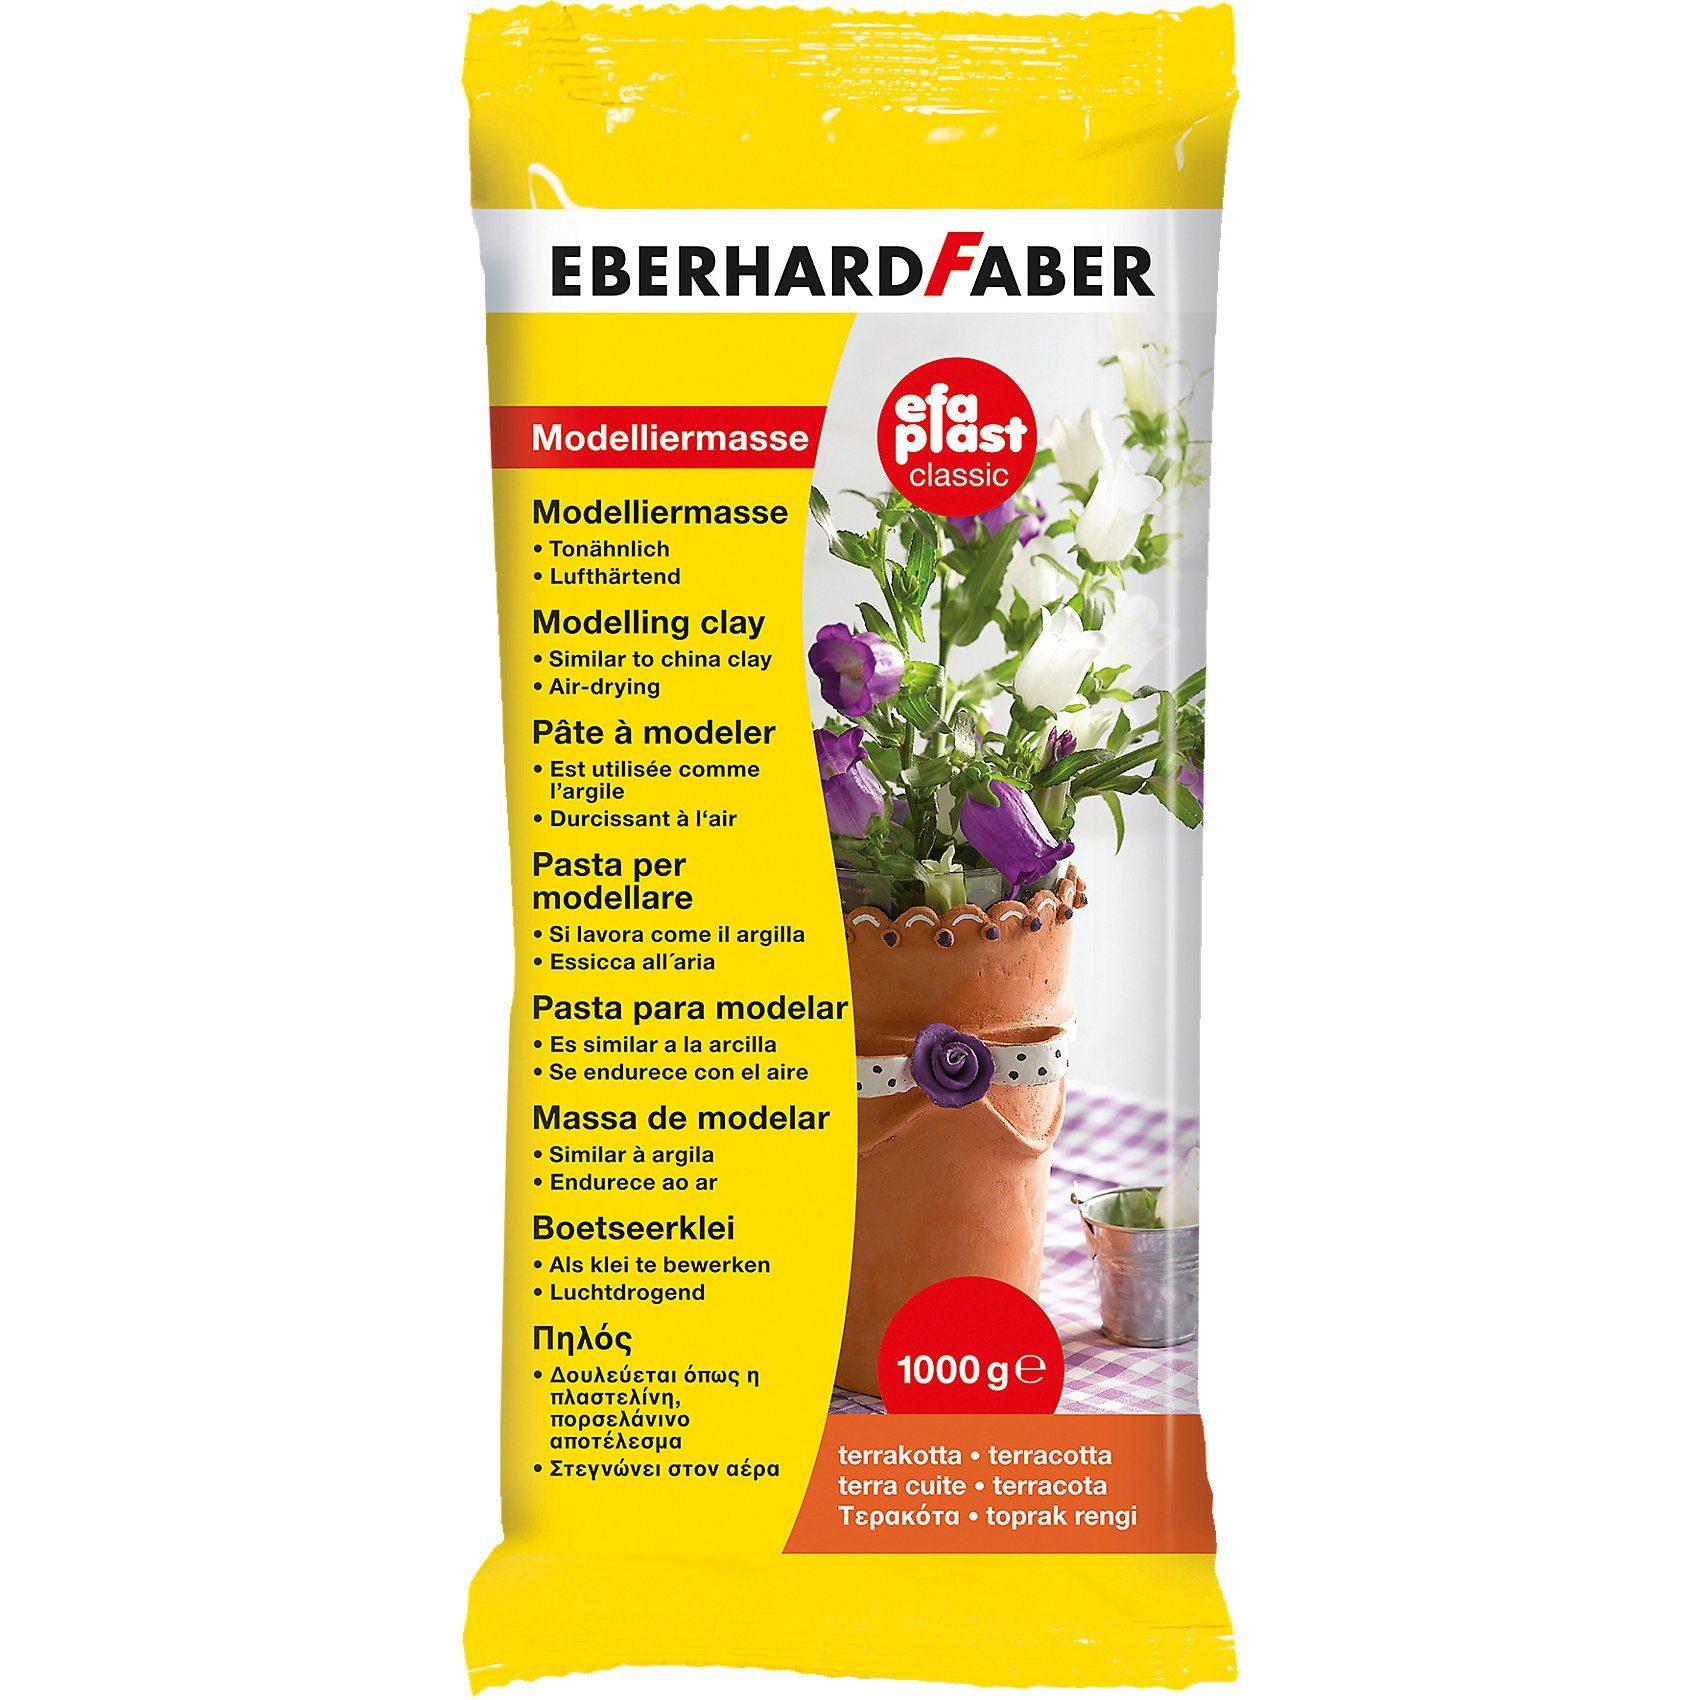 Eberhard Faber EFA Modelliermasse Plast Classic, 1 kg terrakotta